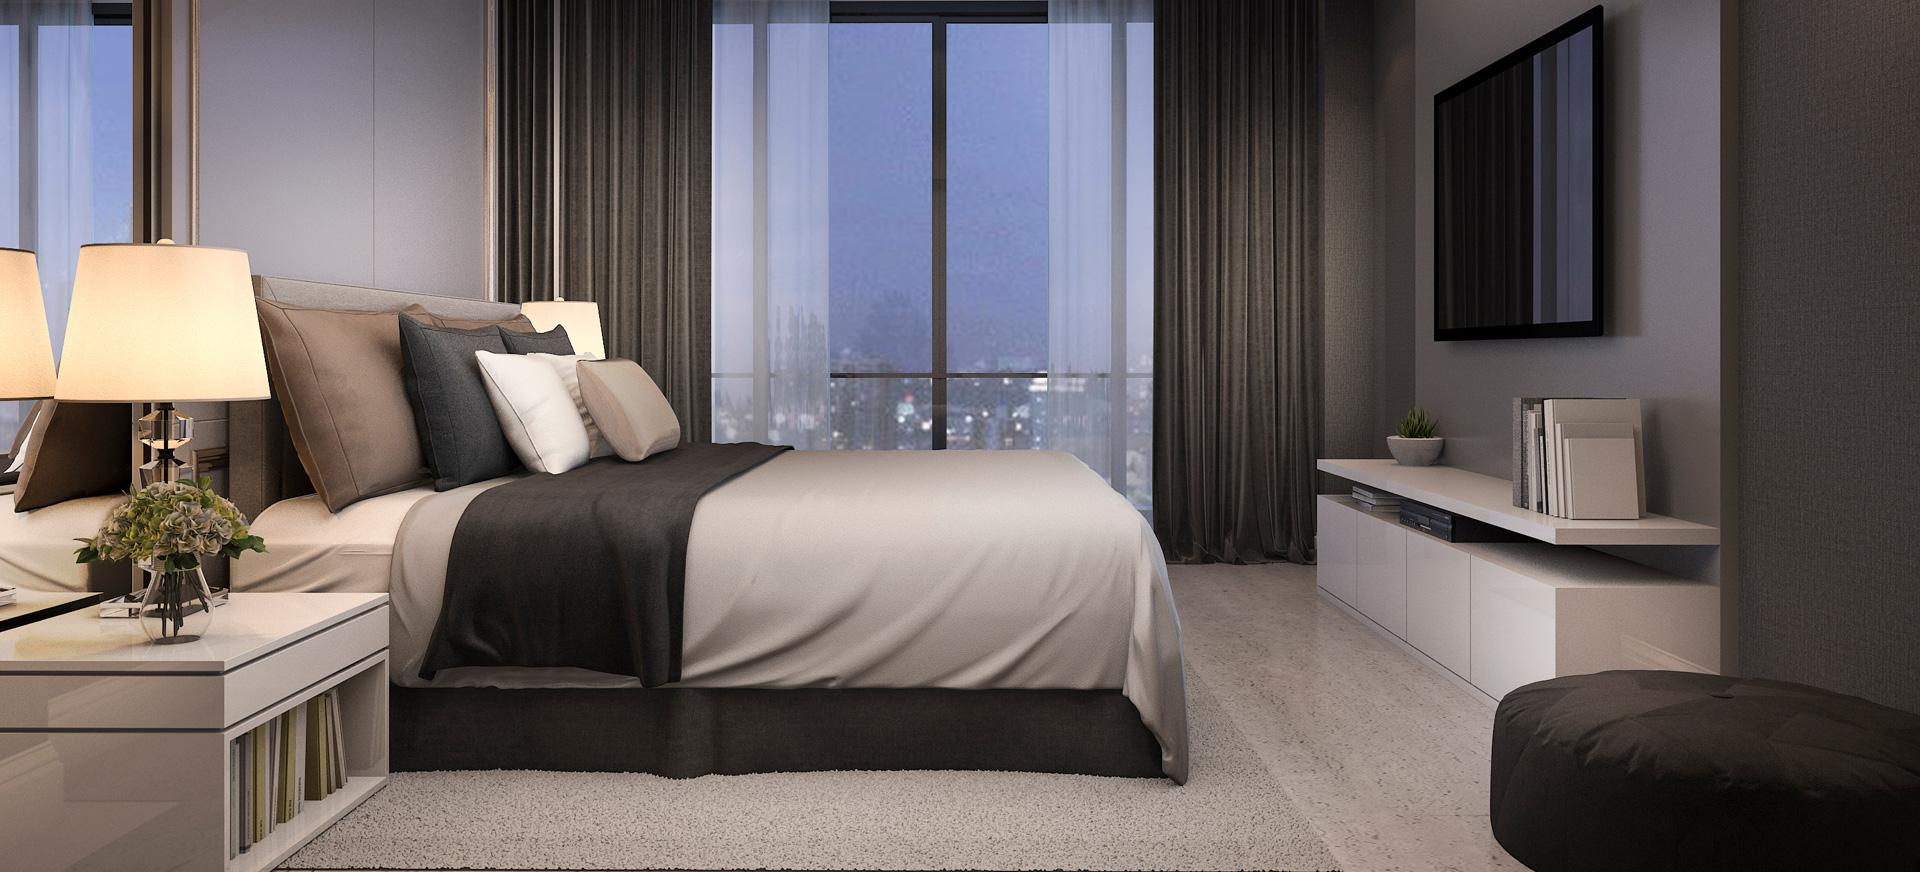 Λευκά Είδη Ξενοδοχείων – Υπνοδωμάτιο – Μπάνιο